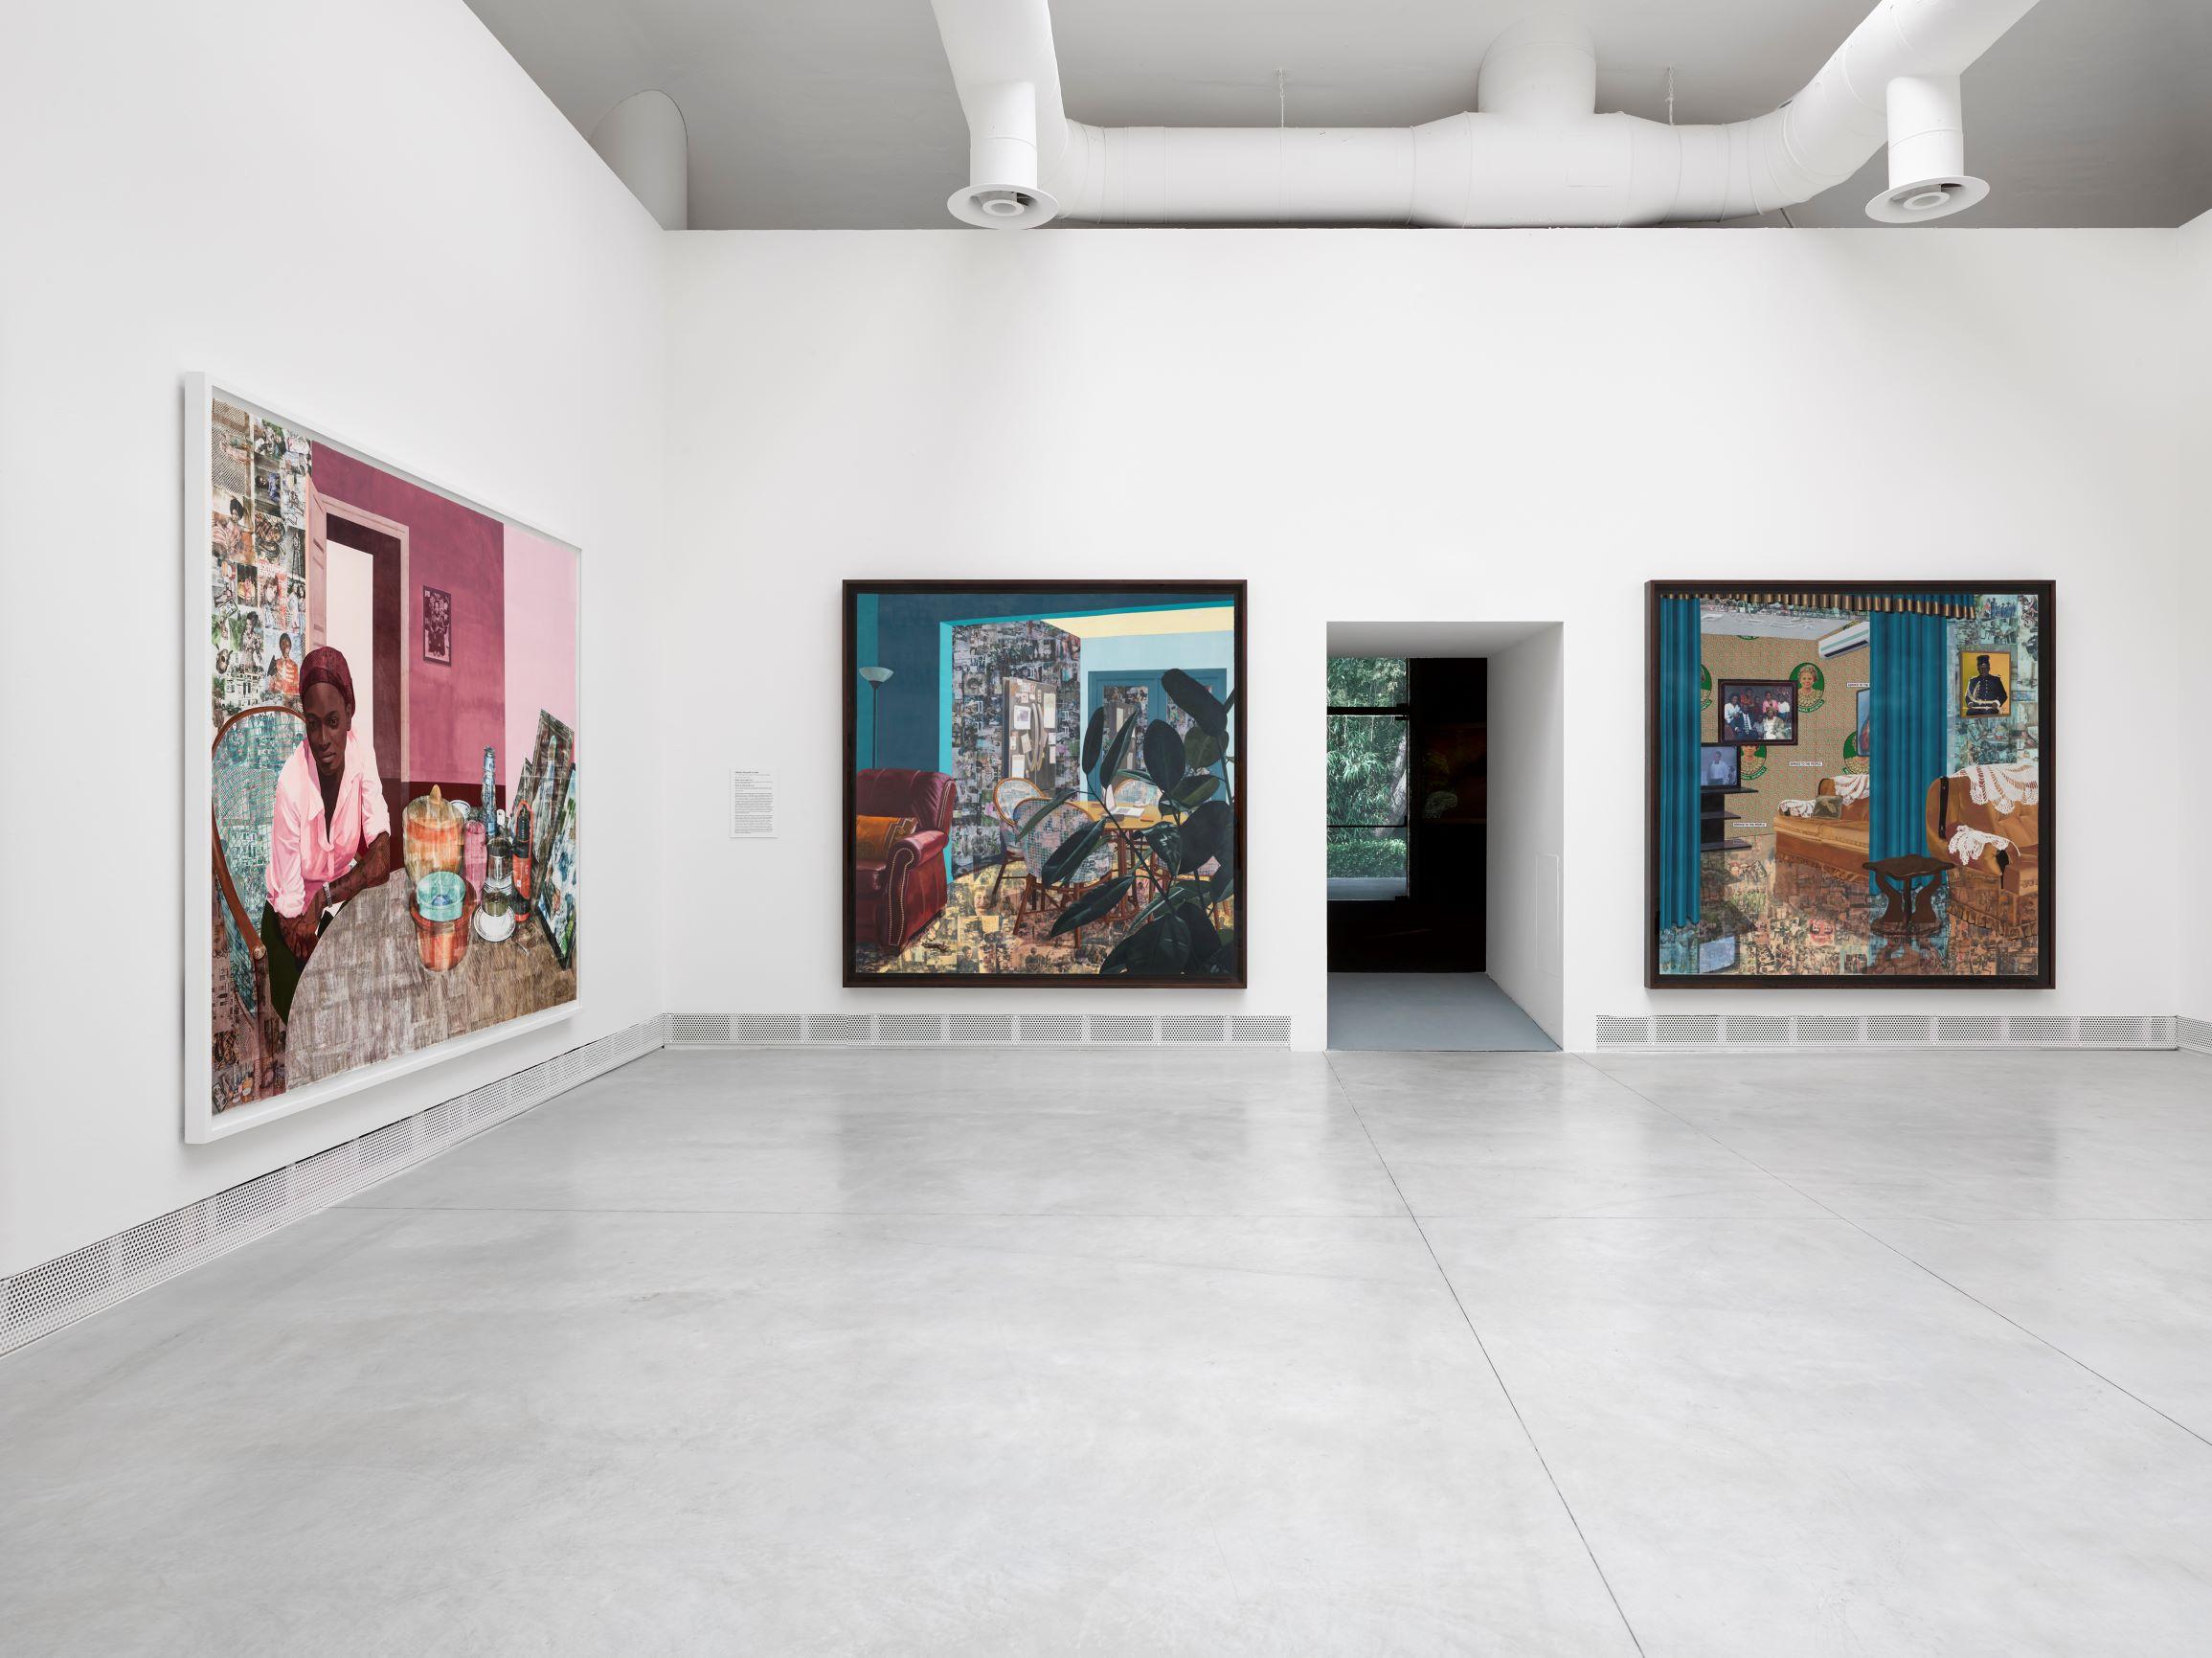 Njideka Akunyili Crosby ai Giardini, Biennale 2019